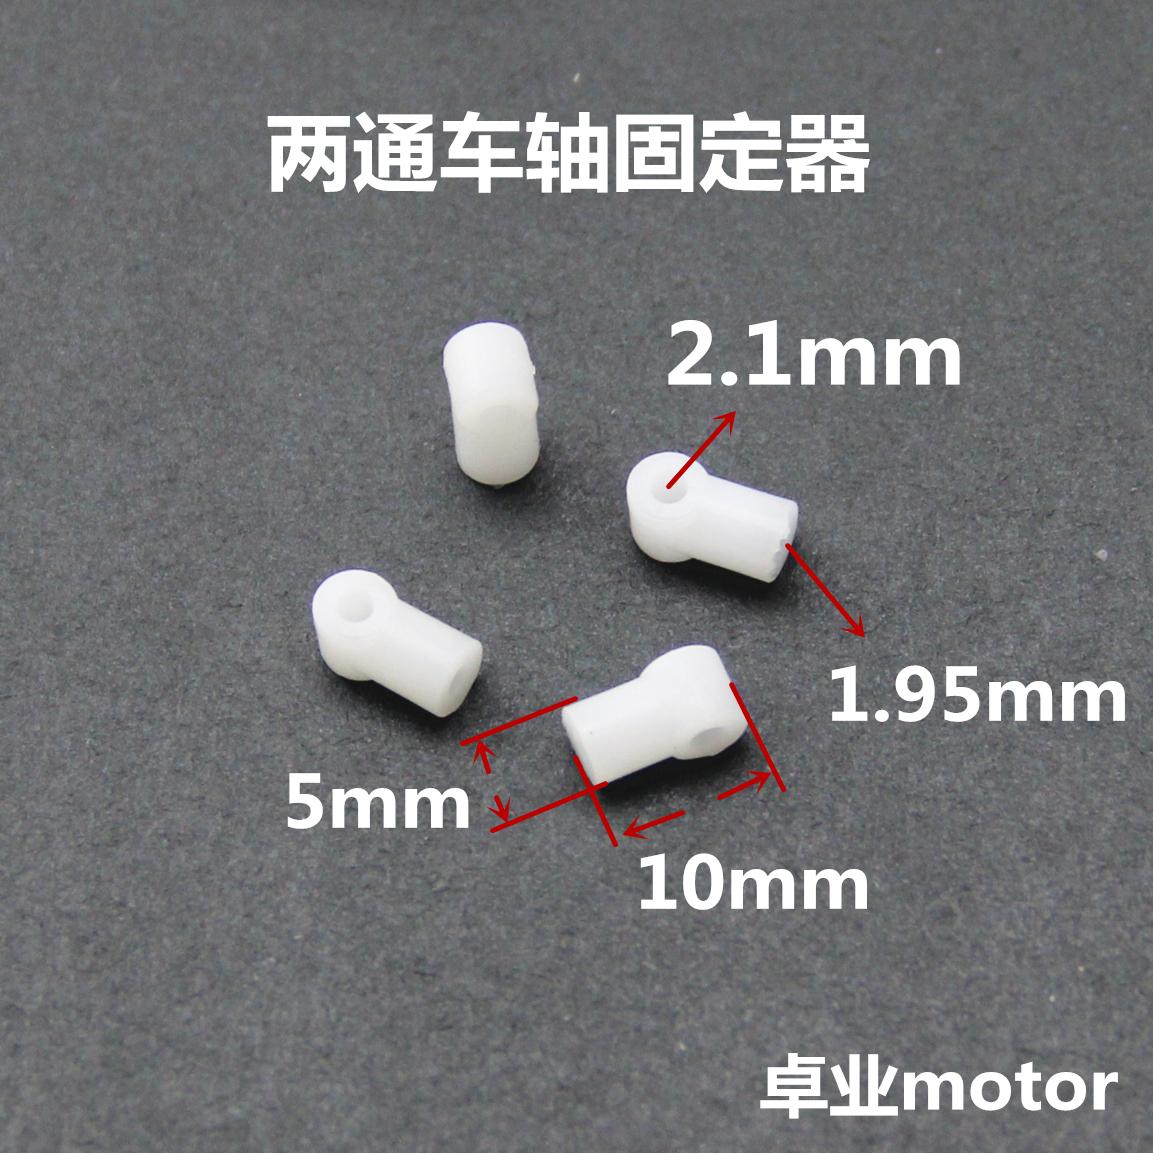 四驱车 车轴固定器 尼龙齿轮限位 松孔2mm 传动轴 diy设计配件